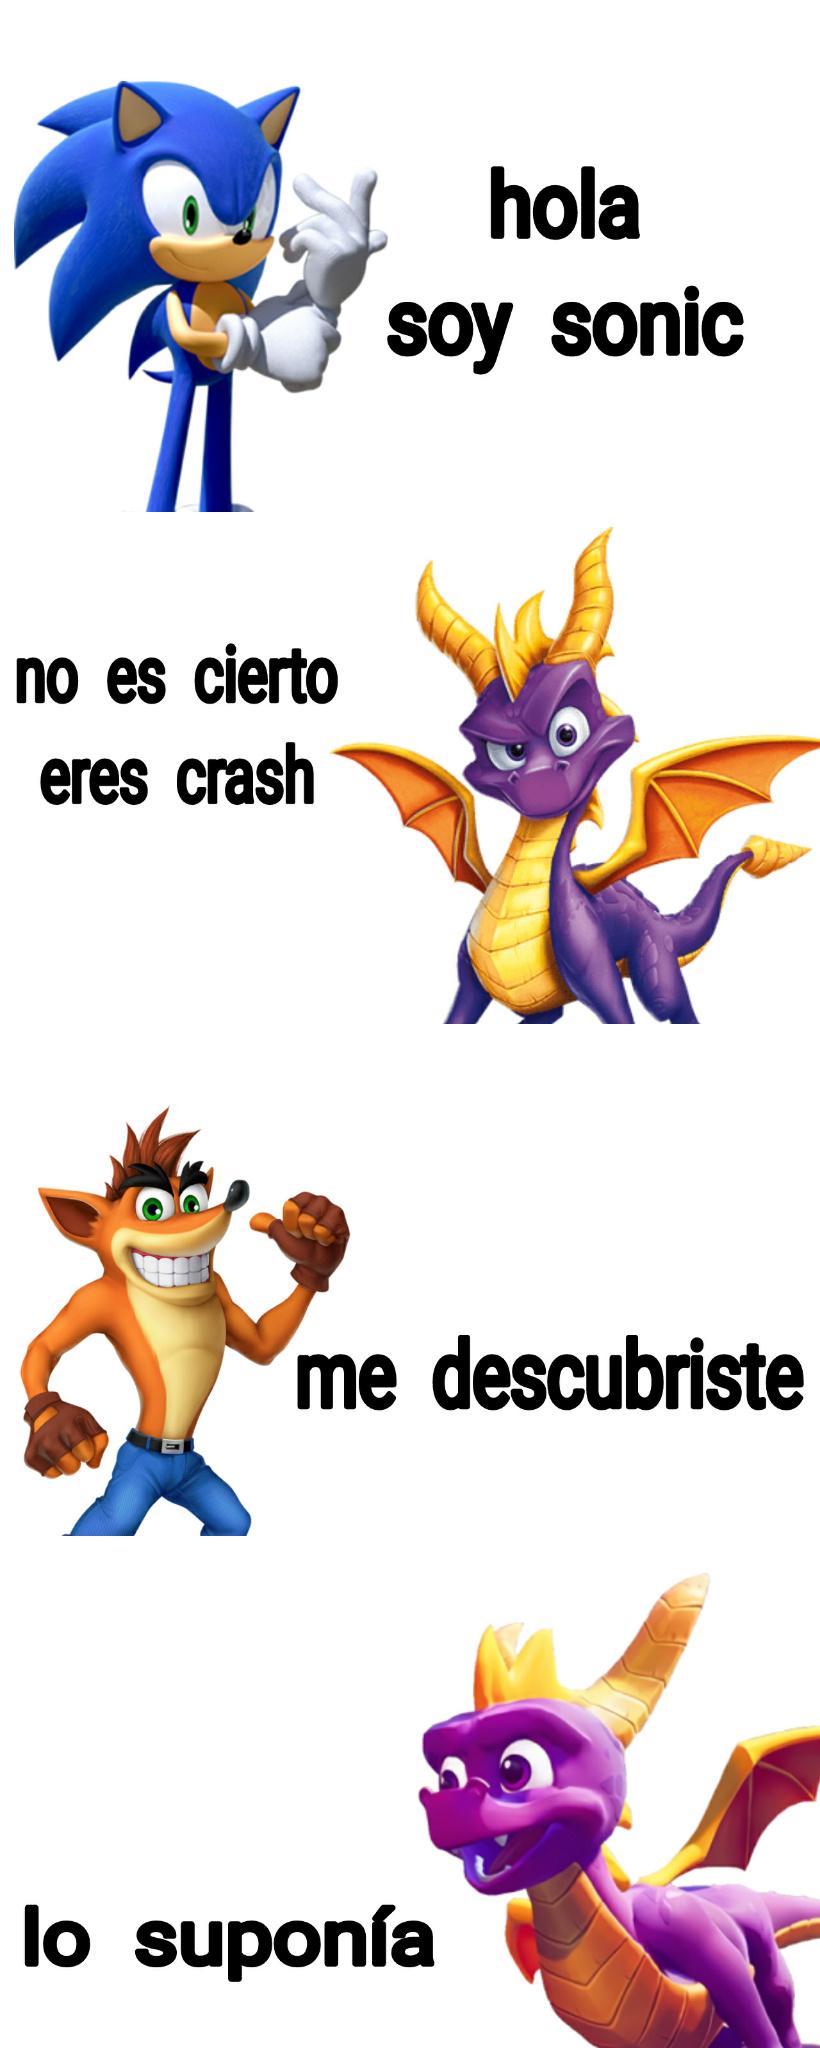 Película completa en español latino - meme